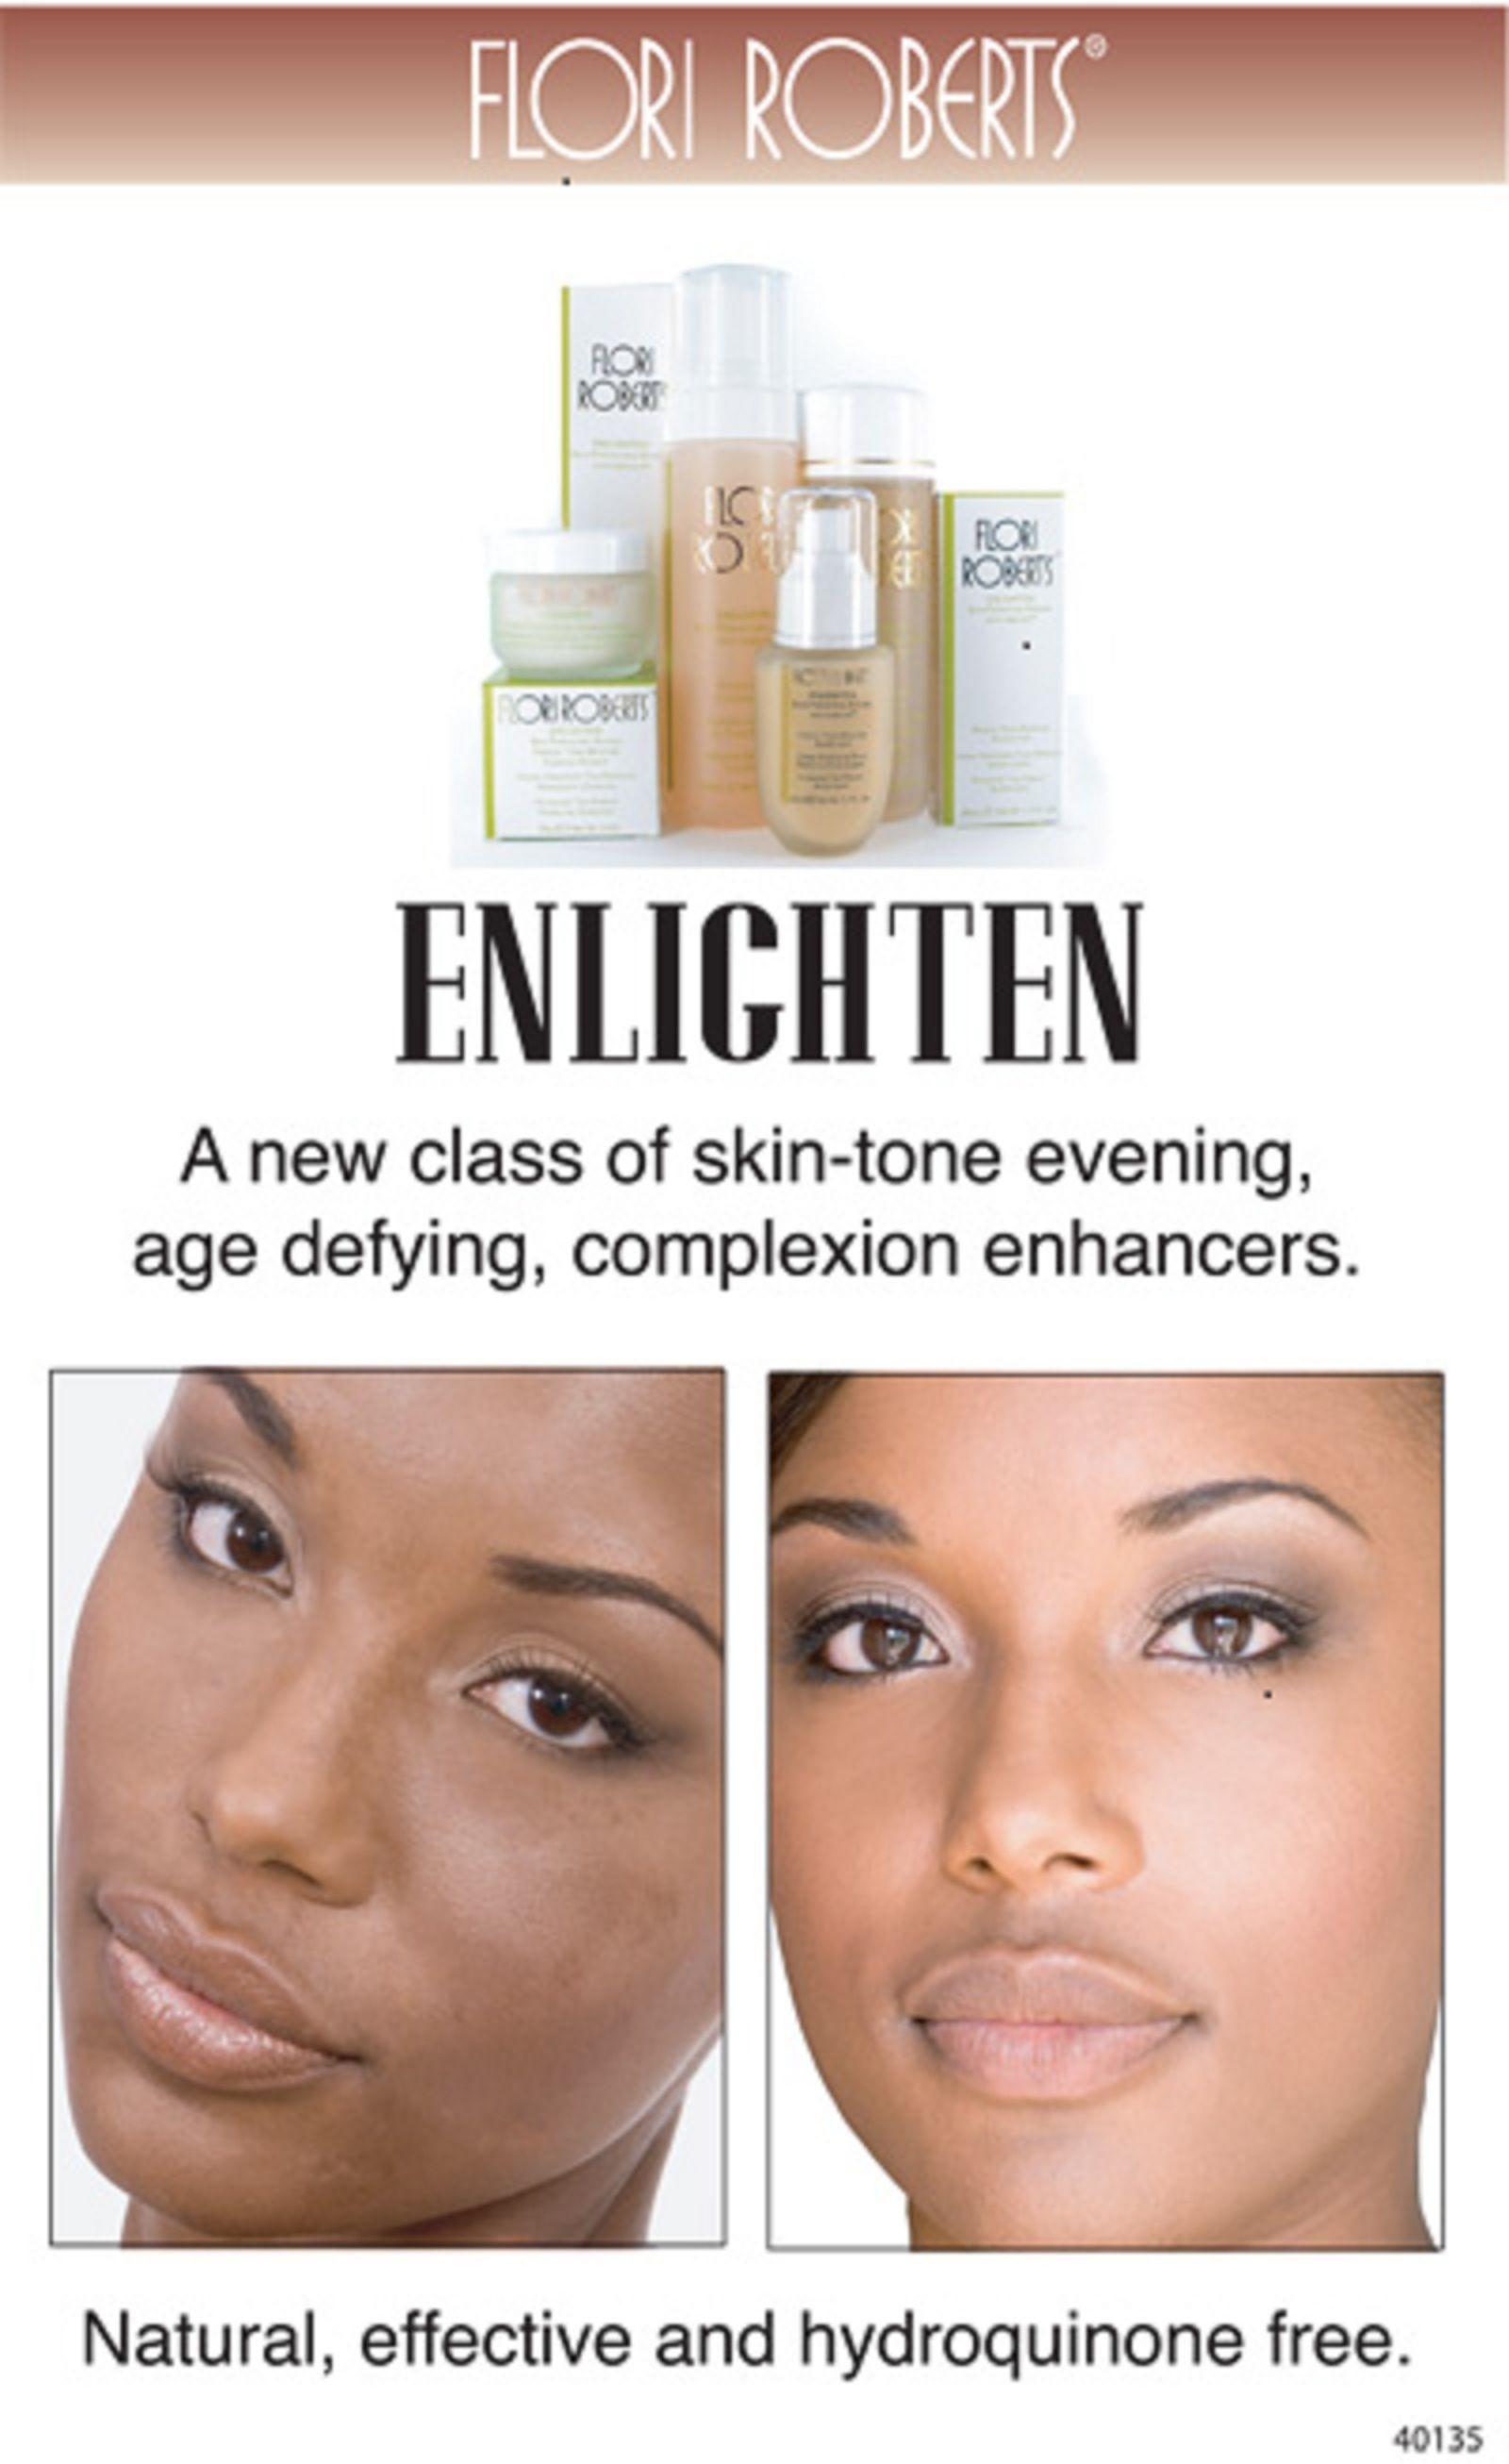 Flori Roberts Enlighten Skincare system. Voor een effen